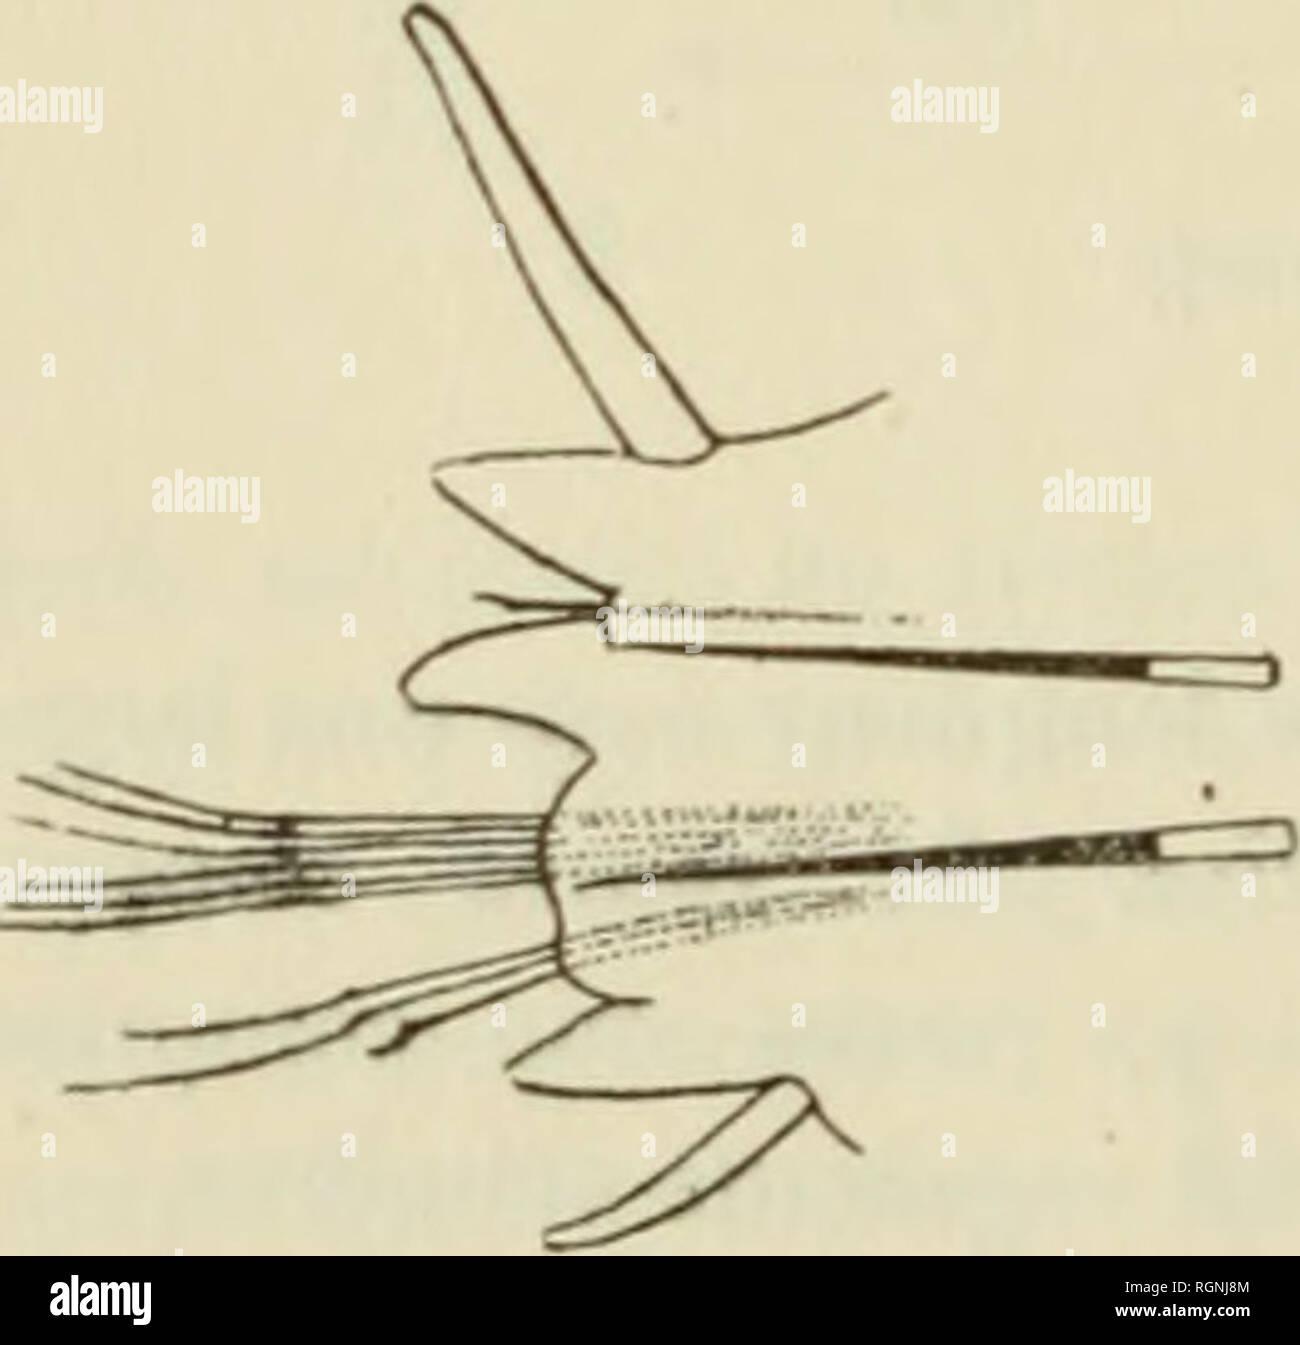 """. Bulletin du Musum national d'histoire naturelle. Natural history. o:-â Le prostominni, hexagonal, est plus Inrge que long; les auteones, dont les insertions sont voisines l'une de l'autre, ont une longueur égale aux deux tiers environ de celle du prosto- mium. Les yeux, sensiblement égaux enh""""e eux, sont circulaires. Les palpes, très dévelojipés, s'étendent fort en avant du prostomium; l'article terminal grêle a une longueur moilé moindre que l'article basilaire renflé. Le pi'emier segment, achète, est un peu plus large que le pre- mier sétigère. Les cirres tentaculaires so - Stock Image"""